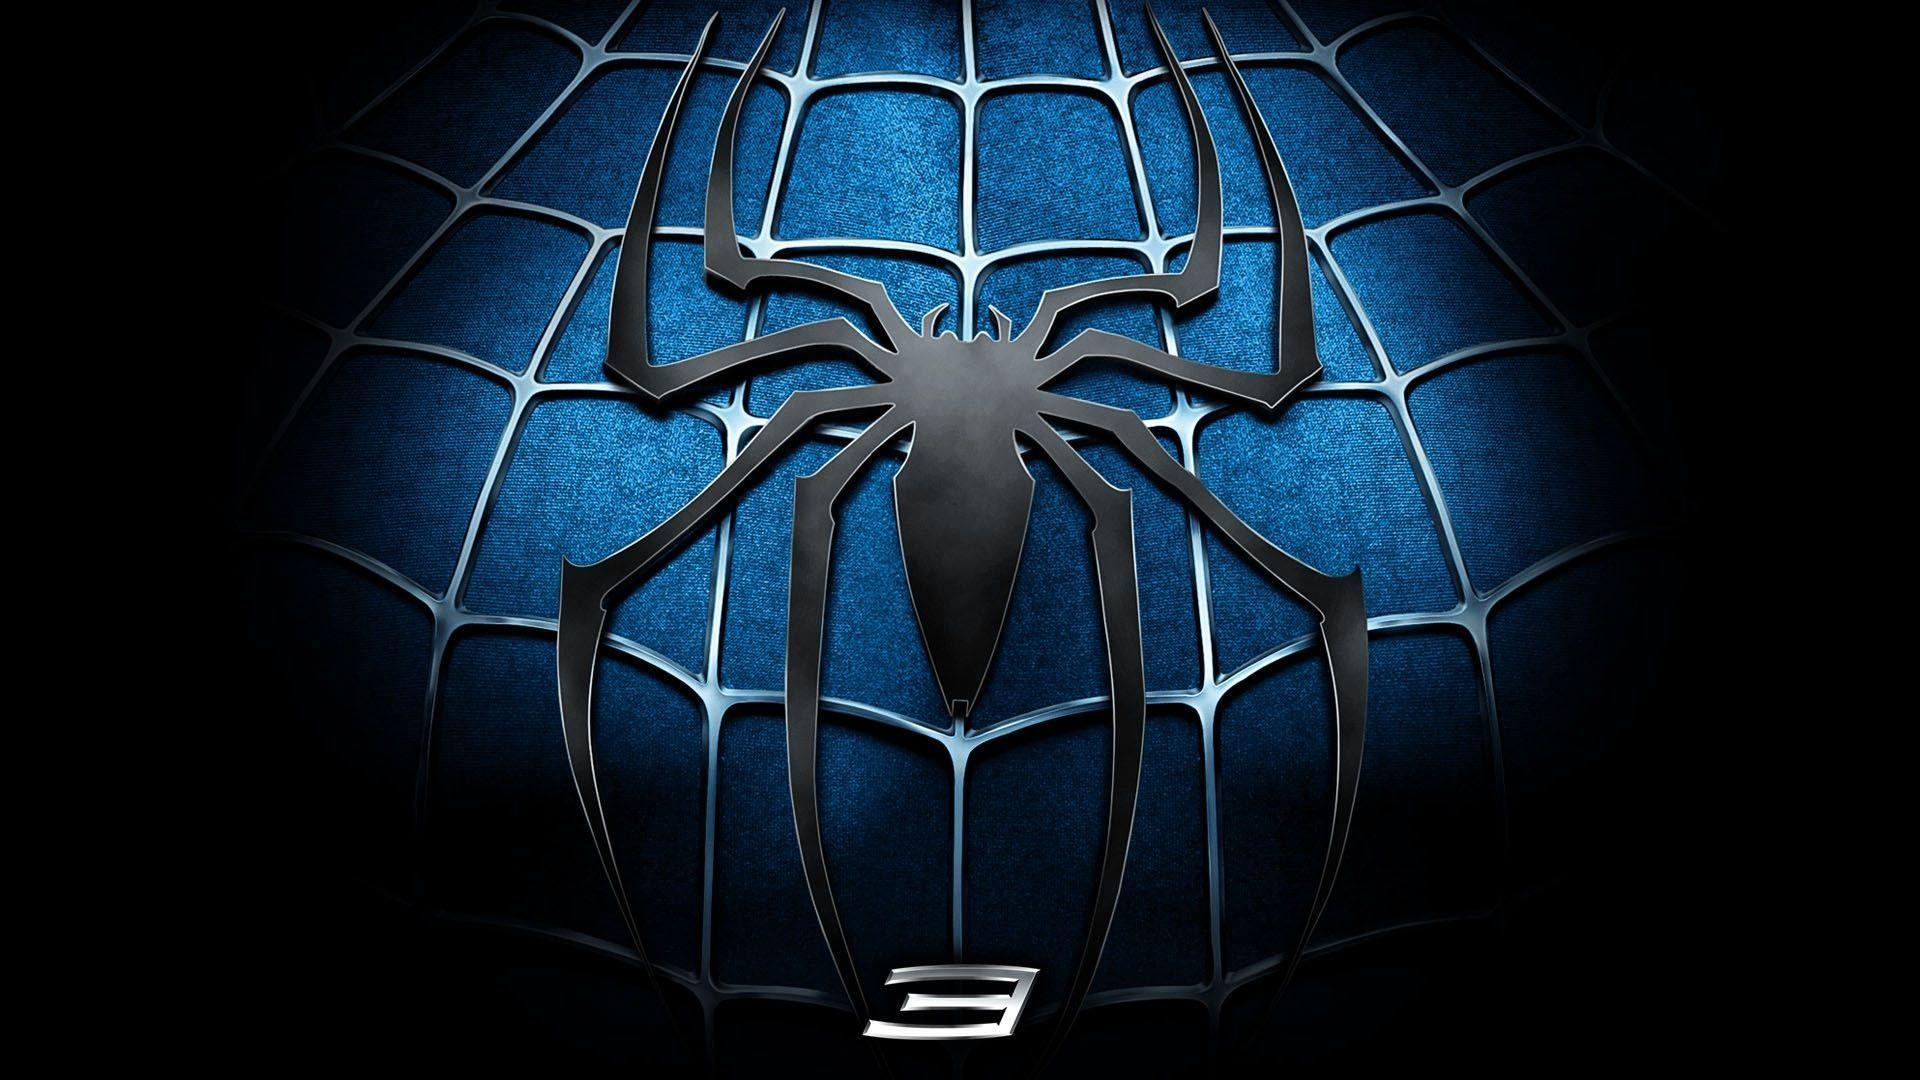 Spiderman Logo Wallpaper Mobile BQX